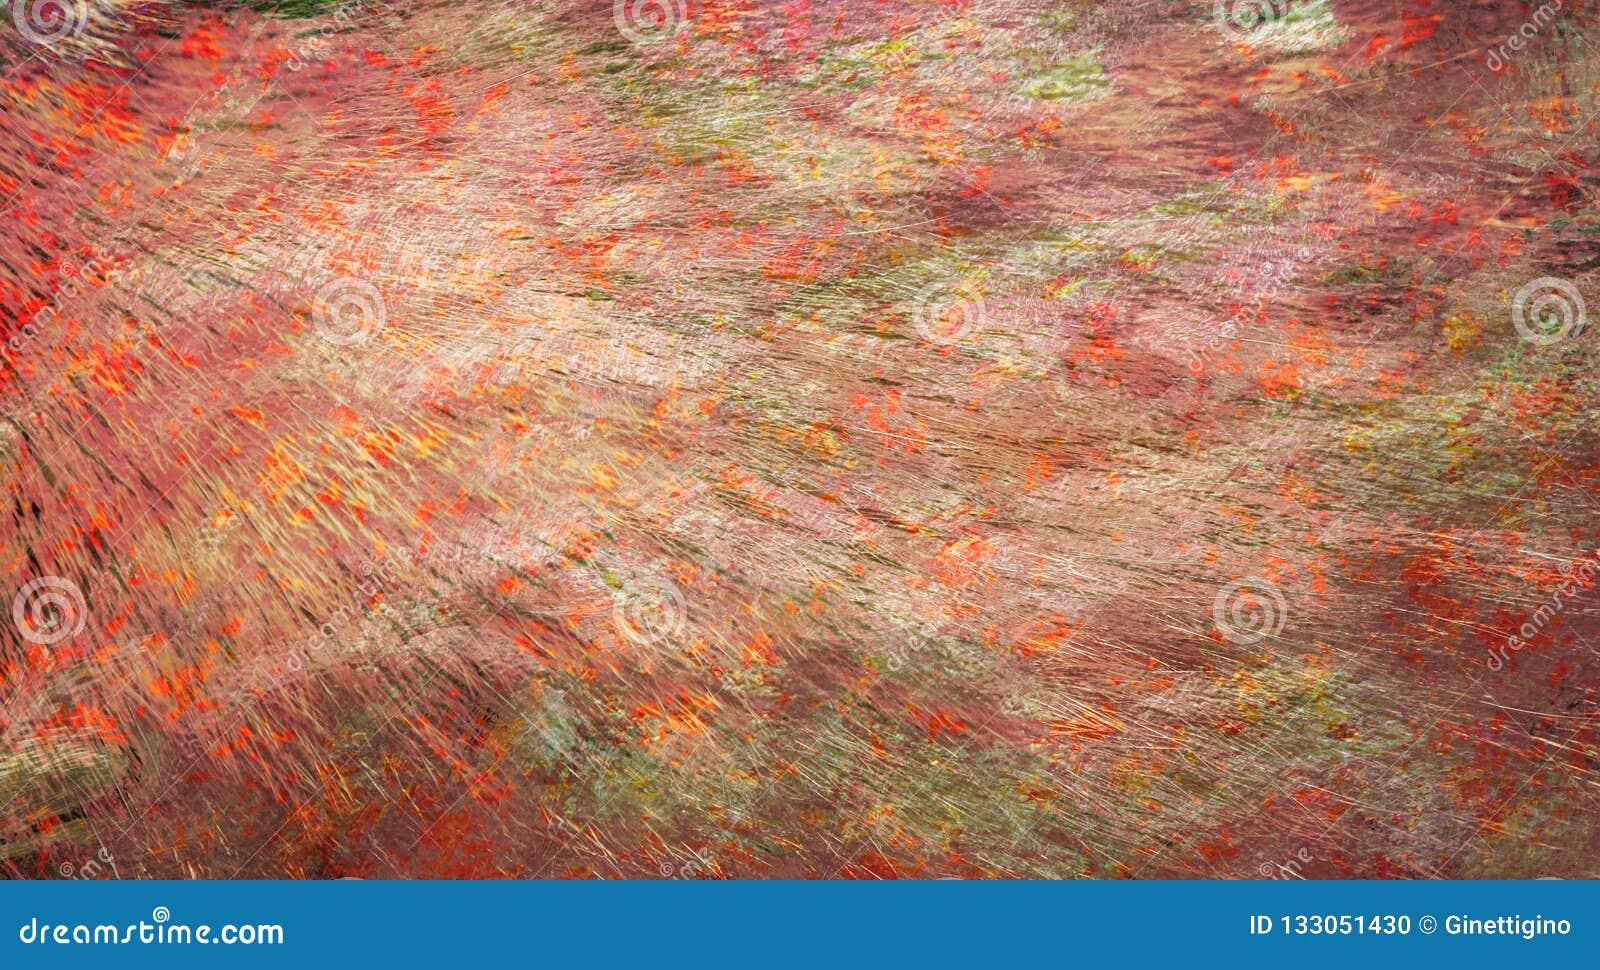 Abstract Paint Splatter Frame Stock Illustration